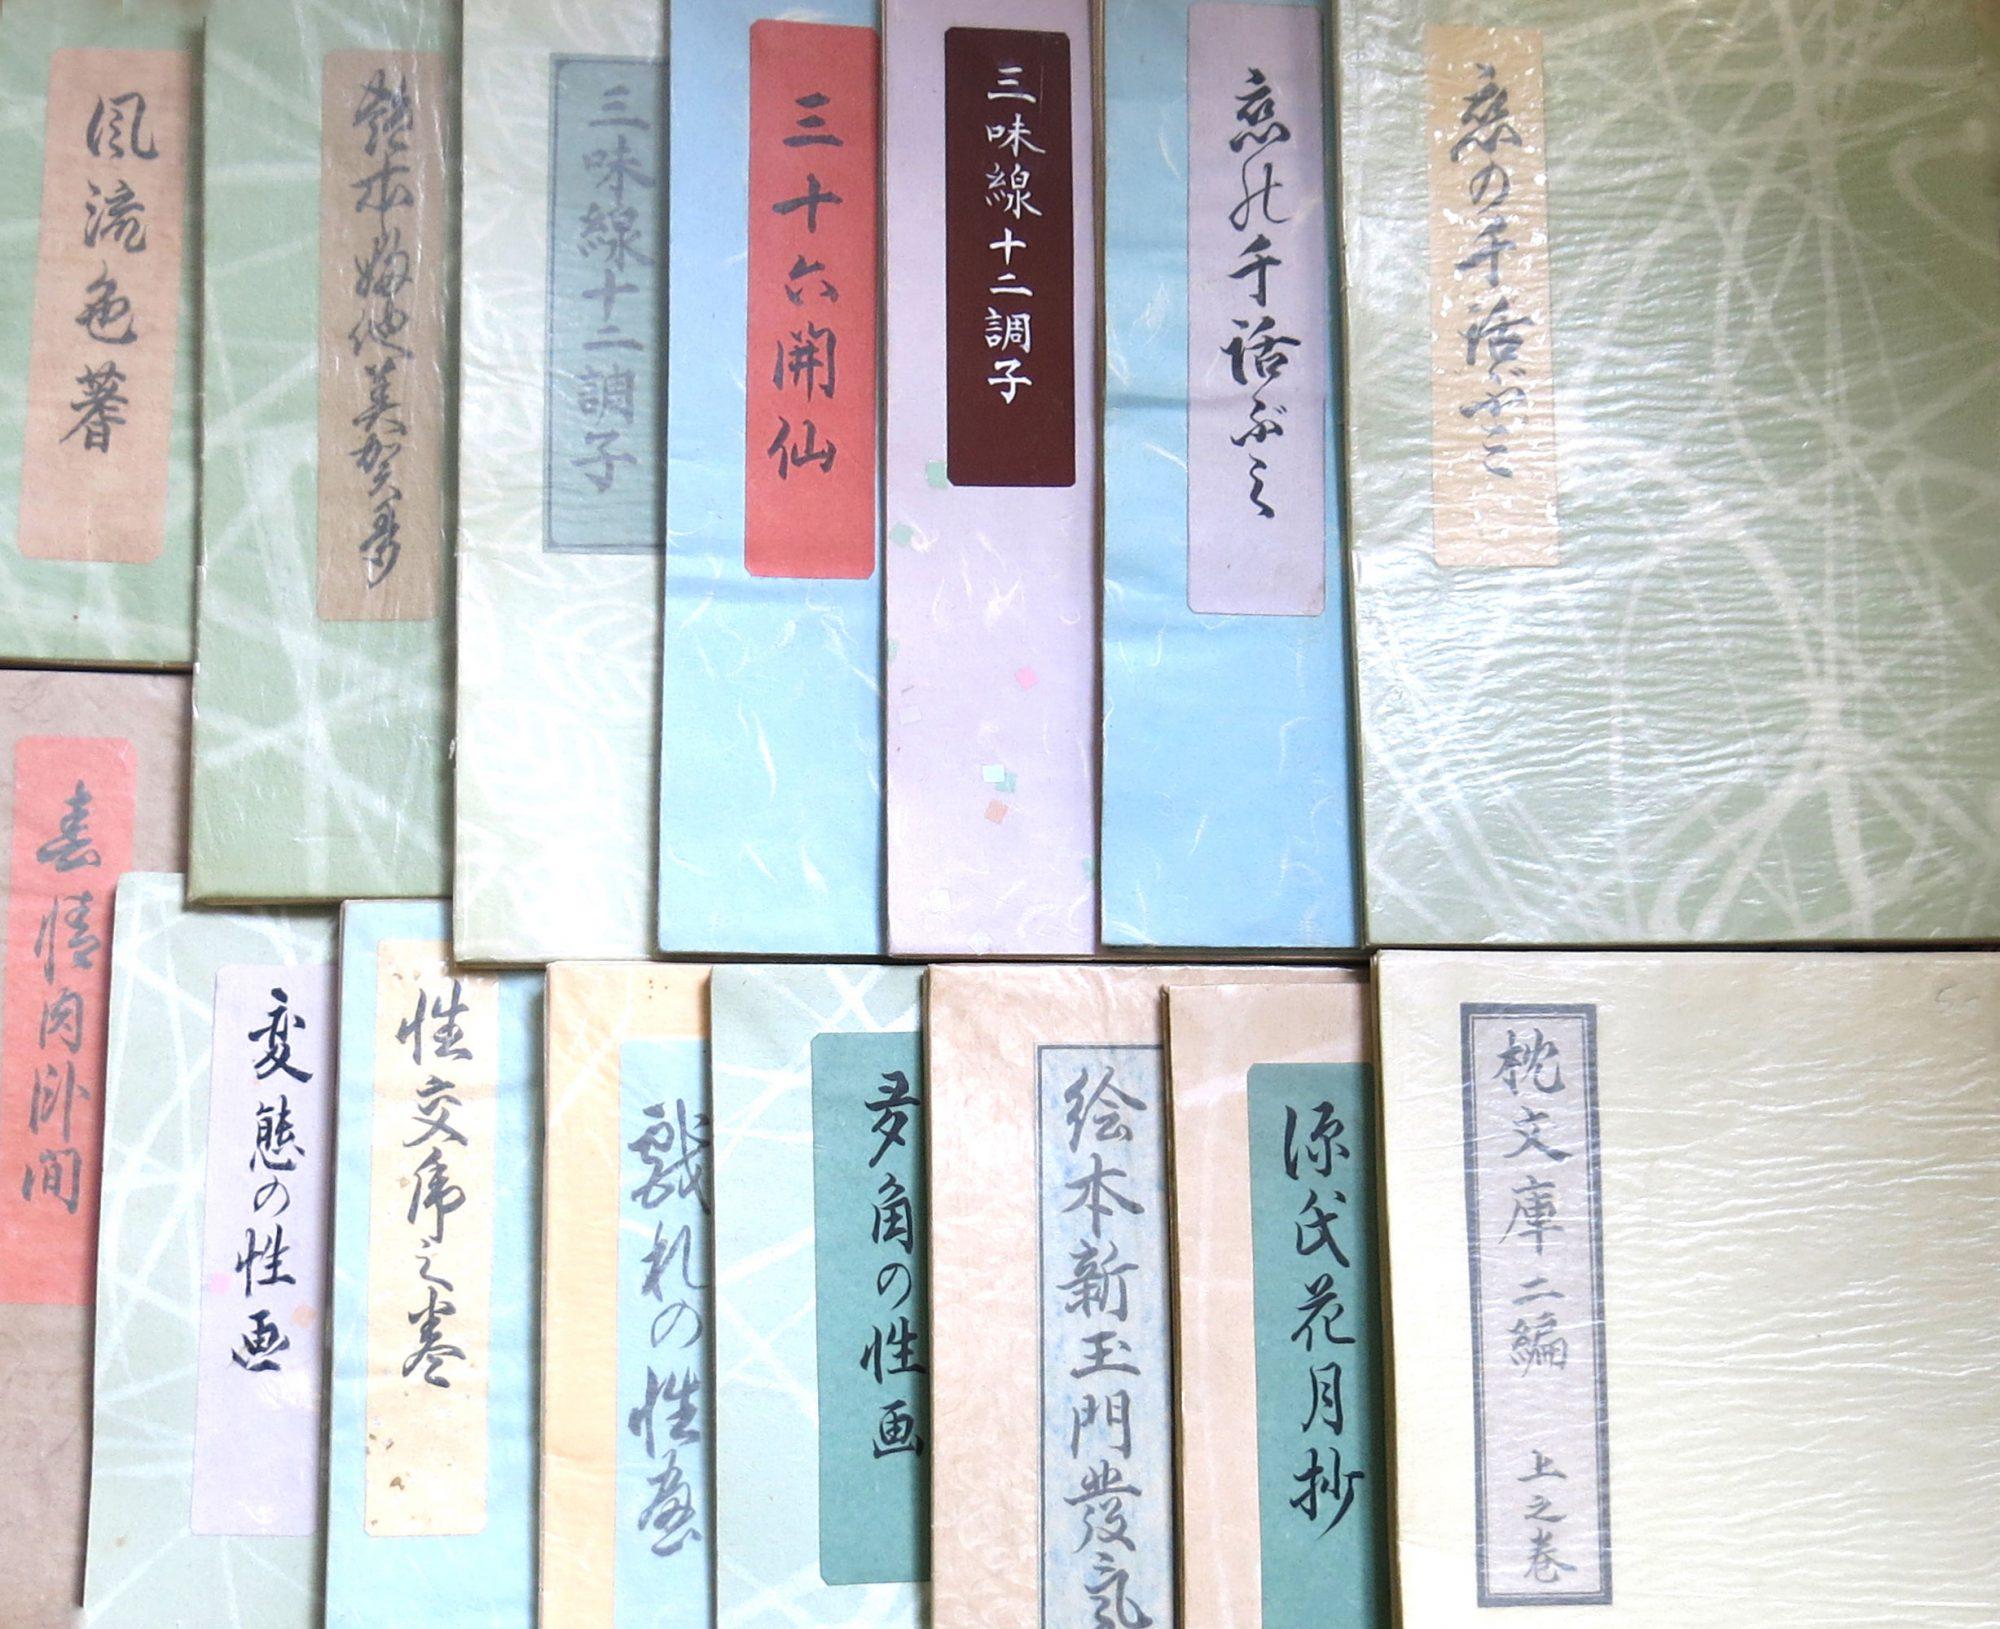 Ensemble de 15 livrets dessinés, peints et calligraphiés à la main, la plupart en couleurs, par un certain Den'un 傳雲 ou Gyôun 暁雲 dans les années cinquante du siècle dernier